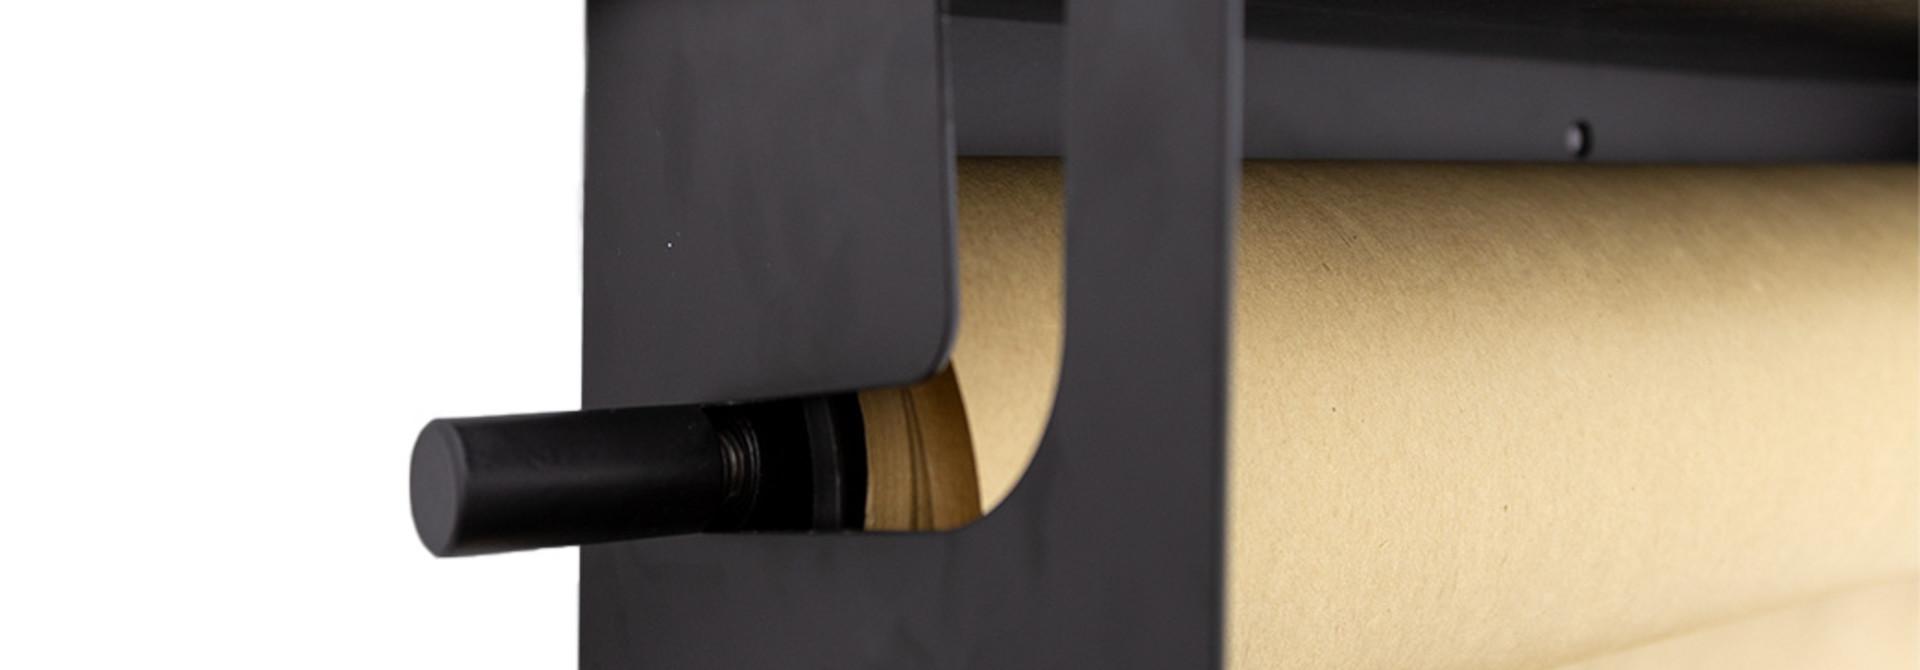 Wooden shelf - Schwarz